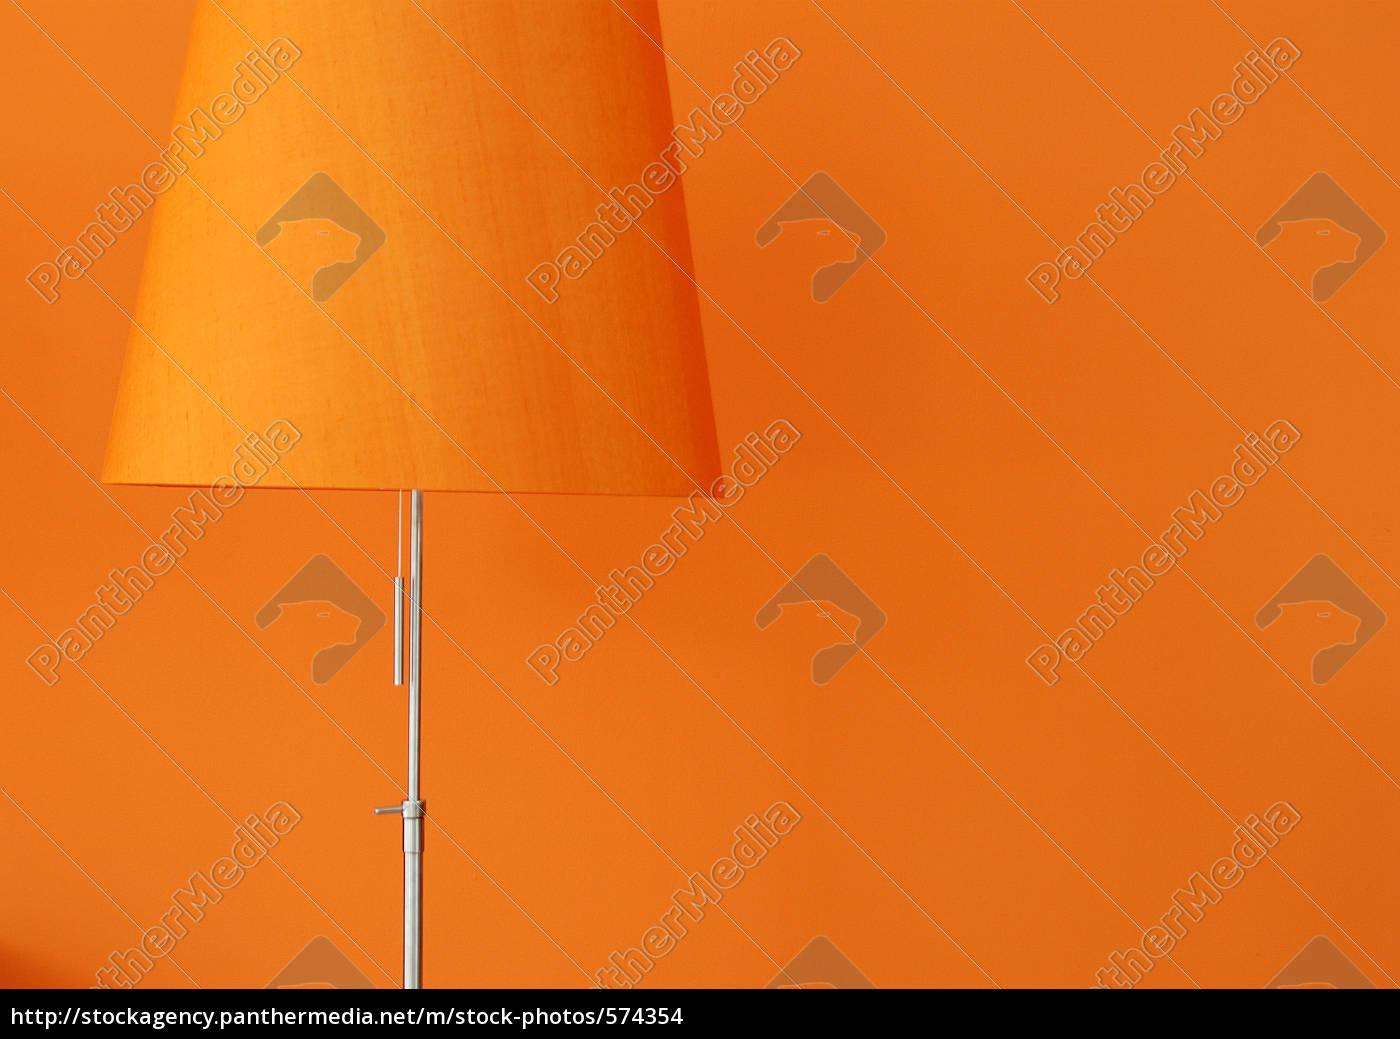 floor, lamp, orange - 574354